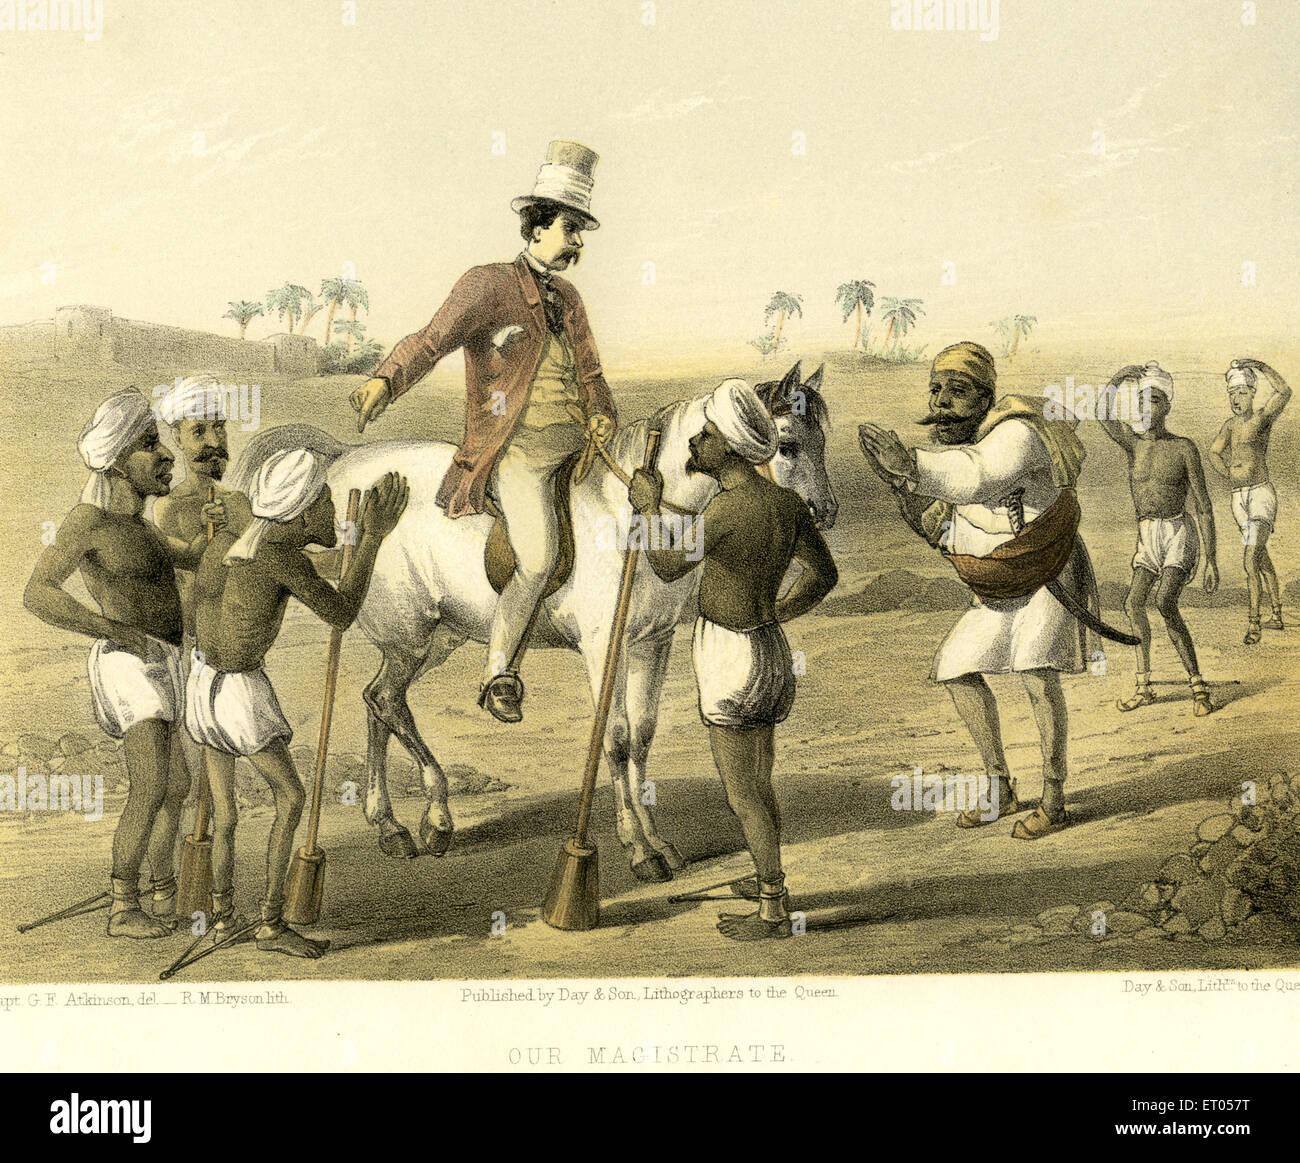 Koloniale indische Bilder; Unsere Magistrat; Indien Stockbild